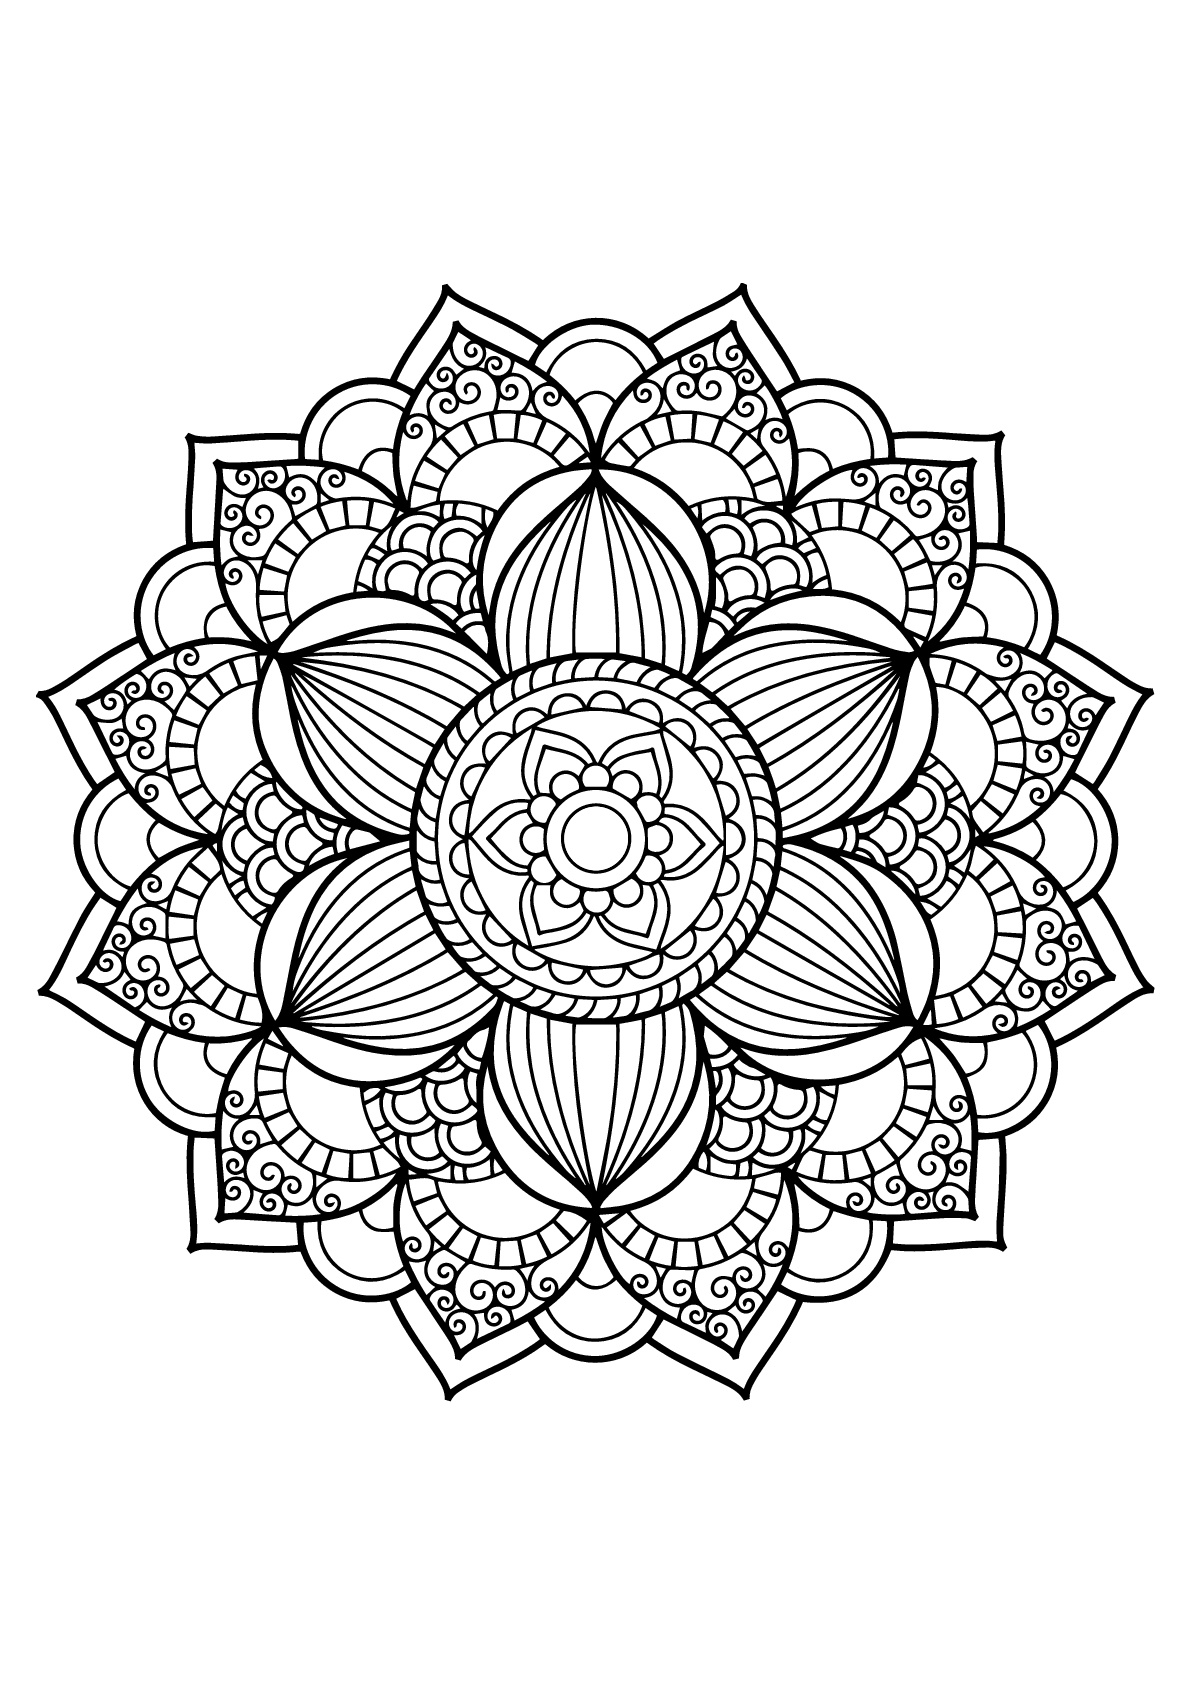 Disegni da colorare per adulti : Mandalas - 17